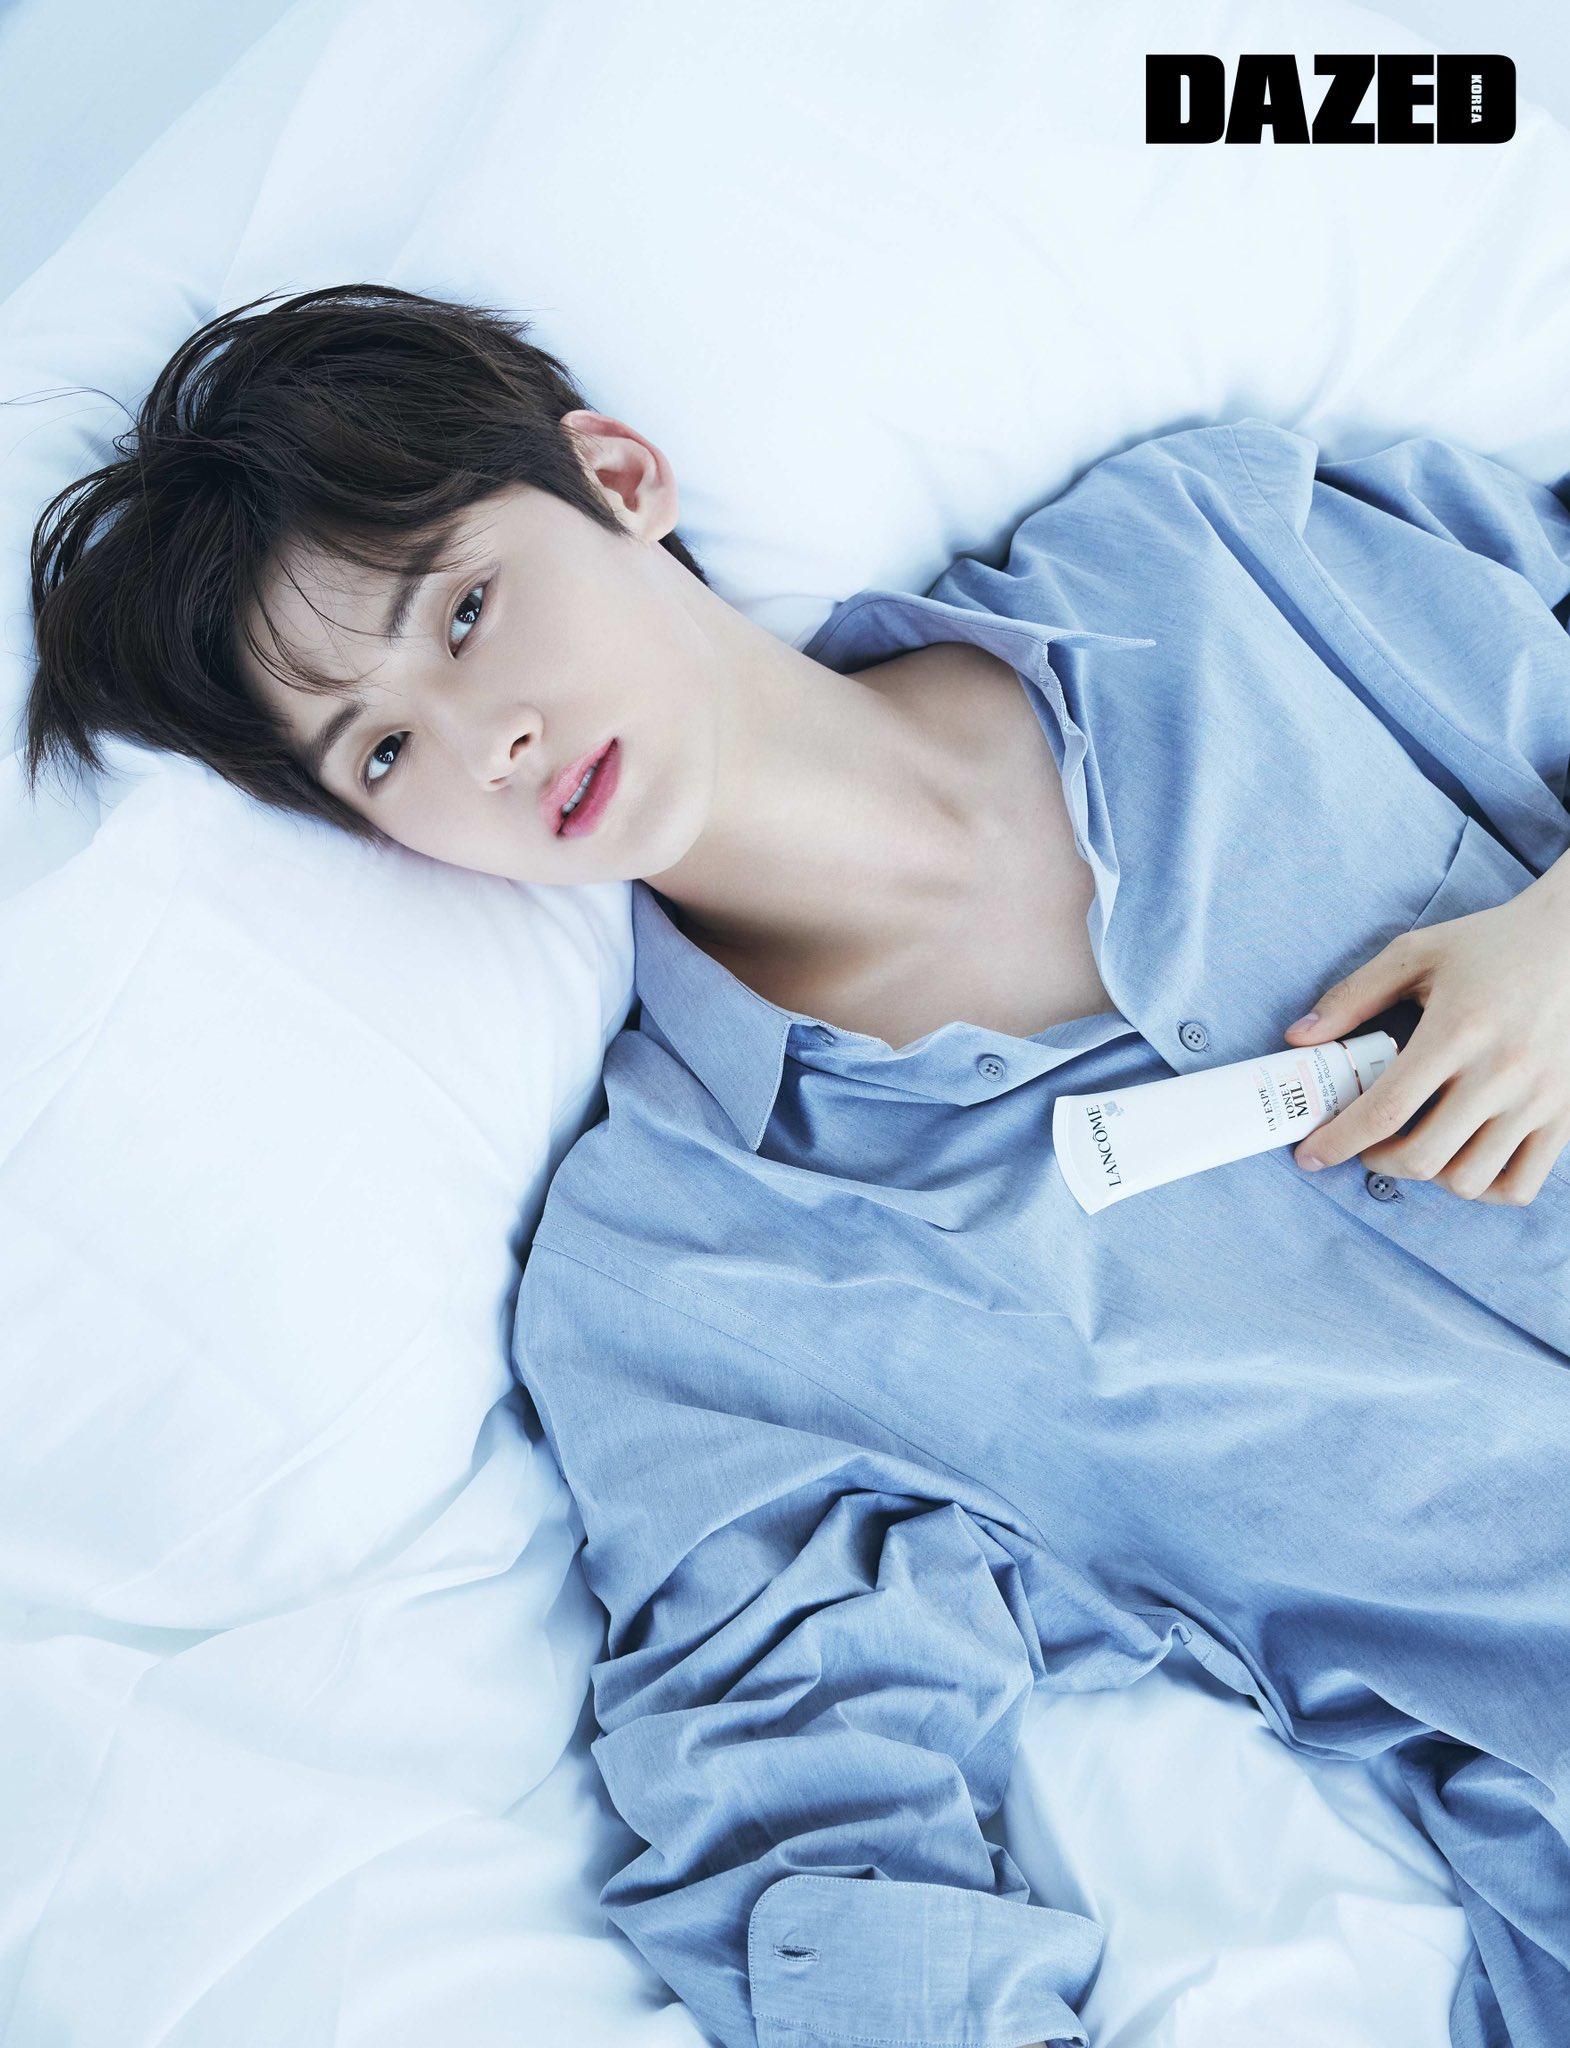 黄旼炫公开杂志写真帅图 并公开他对未来的展望